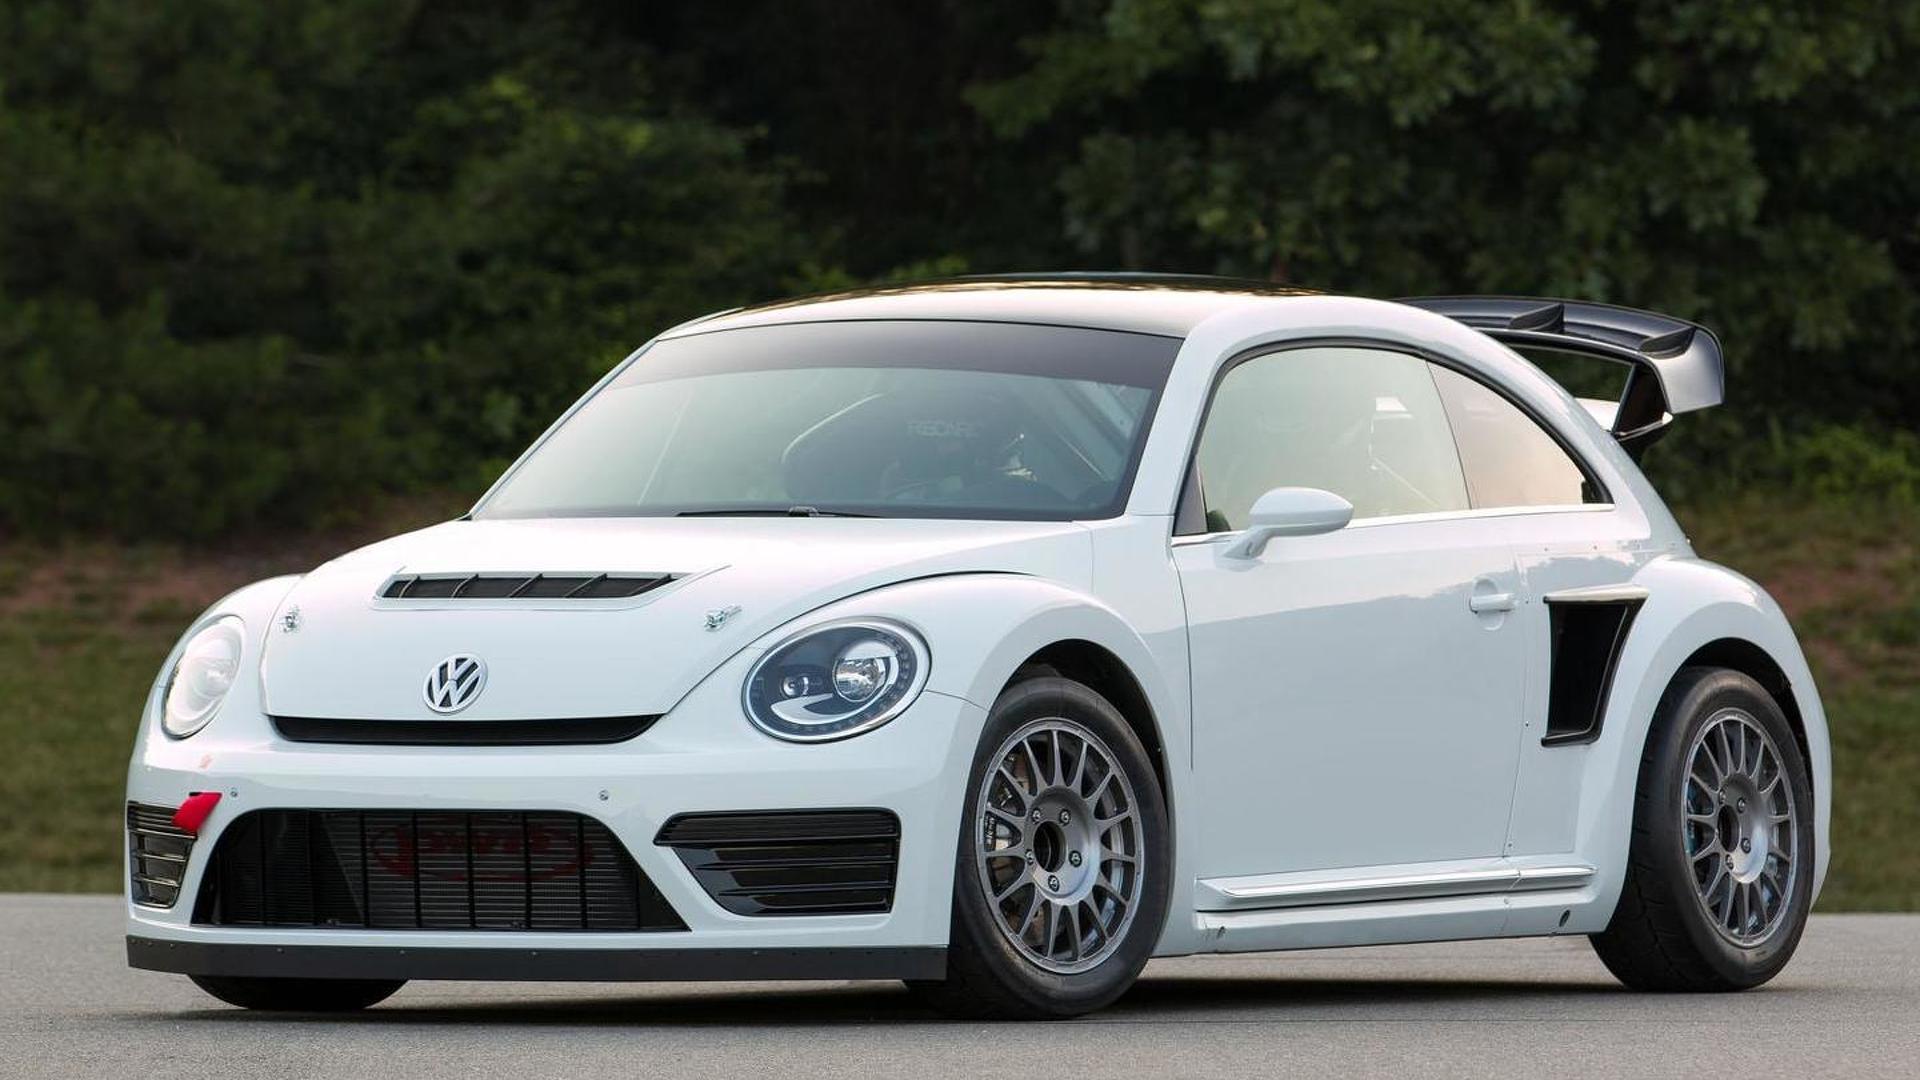 544 bhp Volkswagen Beetle GRC featured in new clip [video]